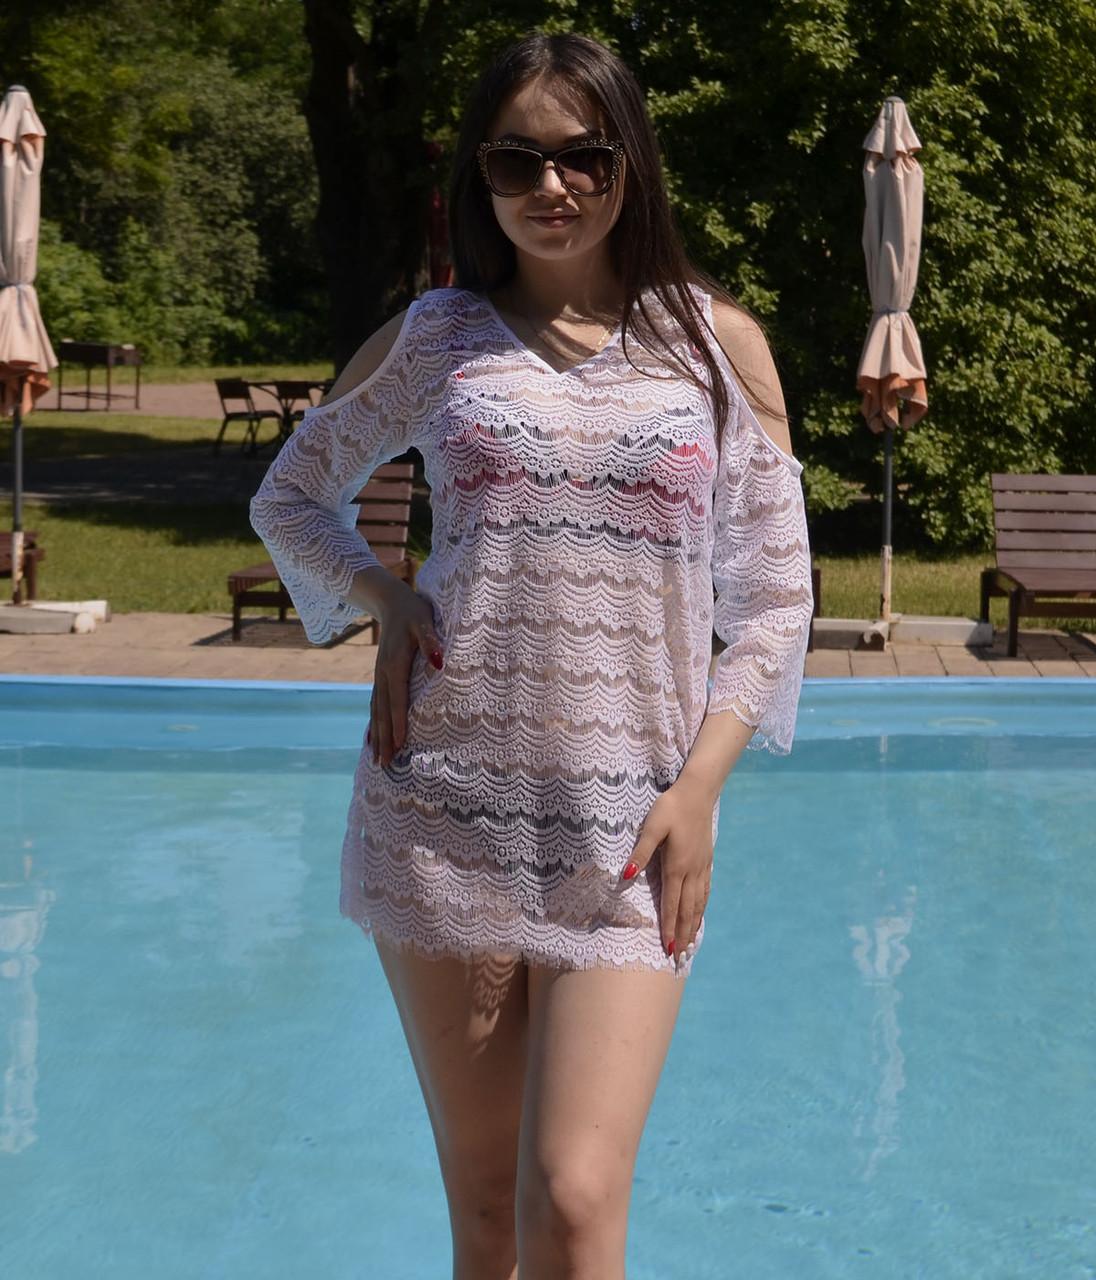 Пляжное платье реснички с открытыми плечами размер 42-44